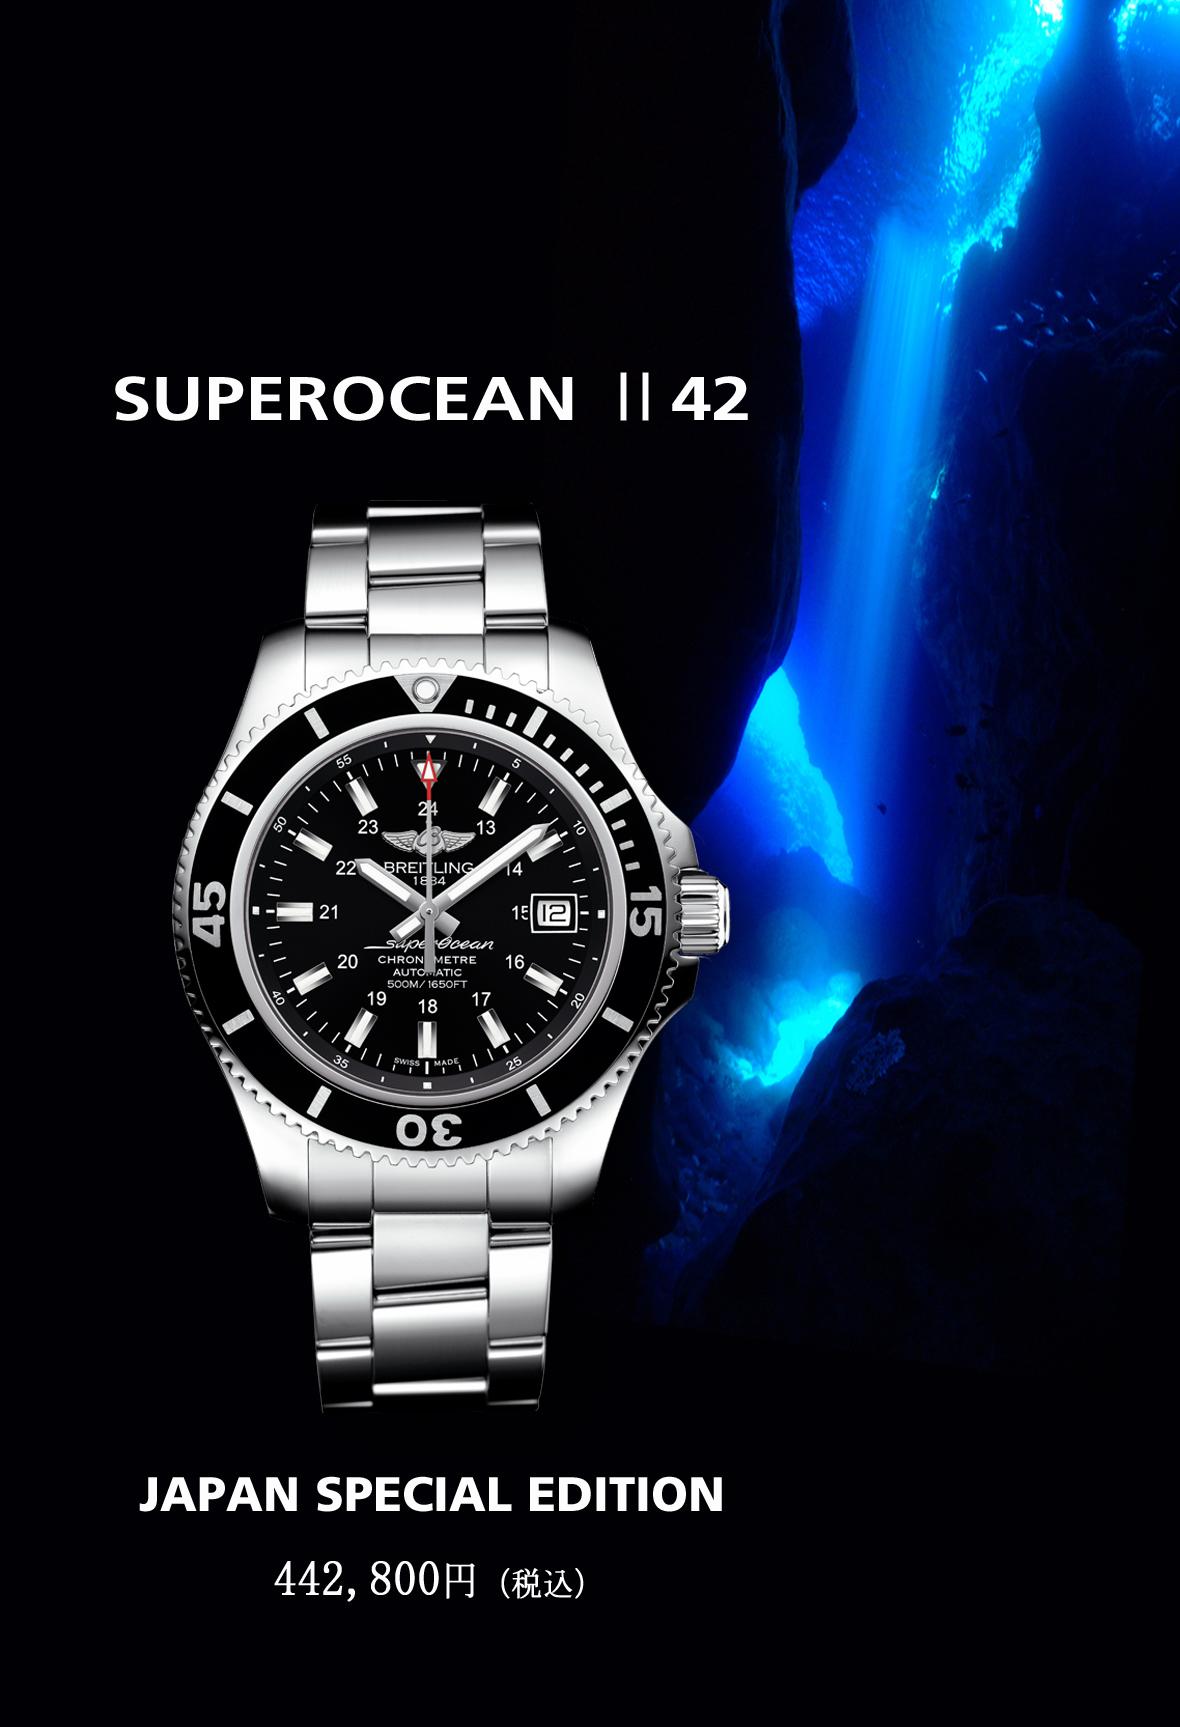 062662e0f67721 ブライトリングフェア開催 | ブランド腕時計の正規販売店紹介サイト ...